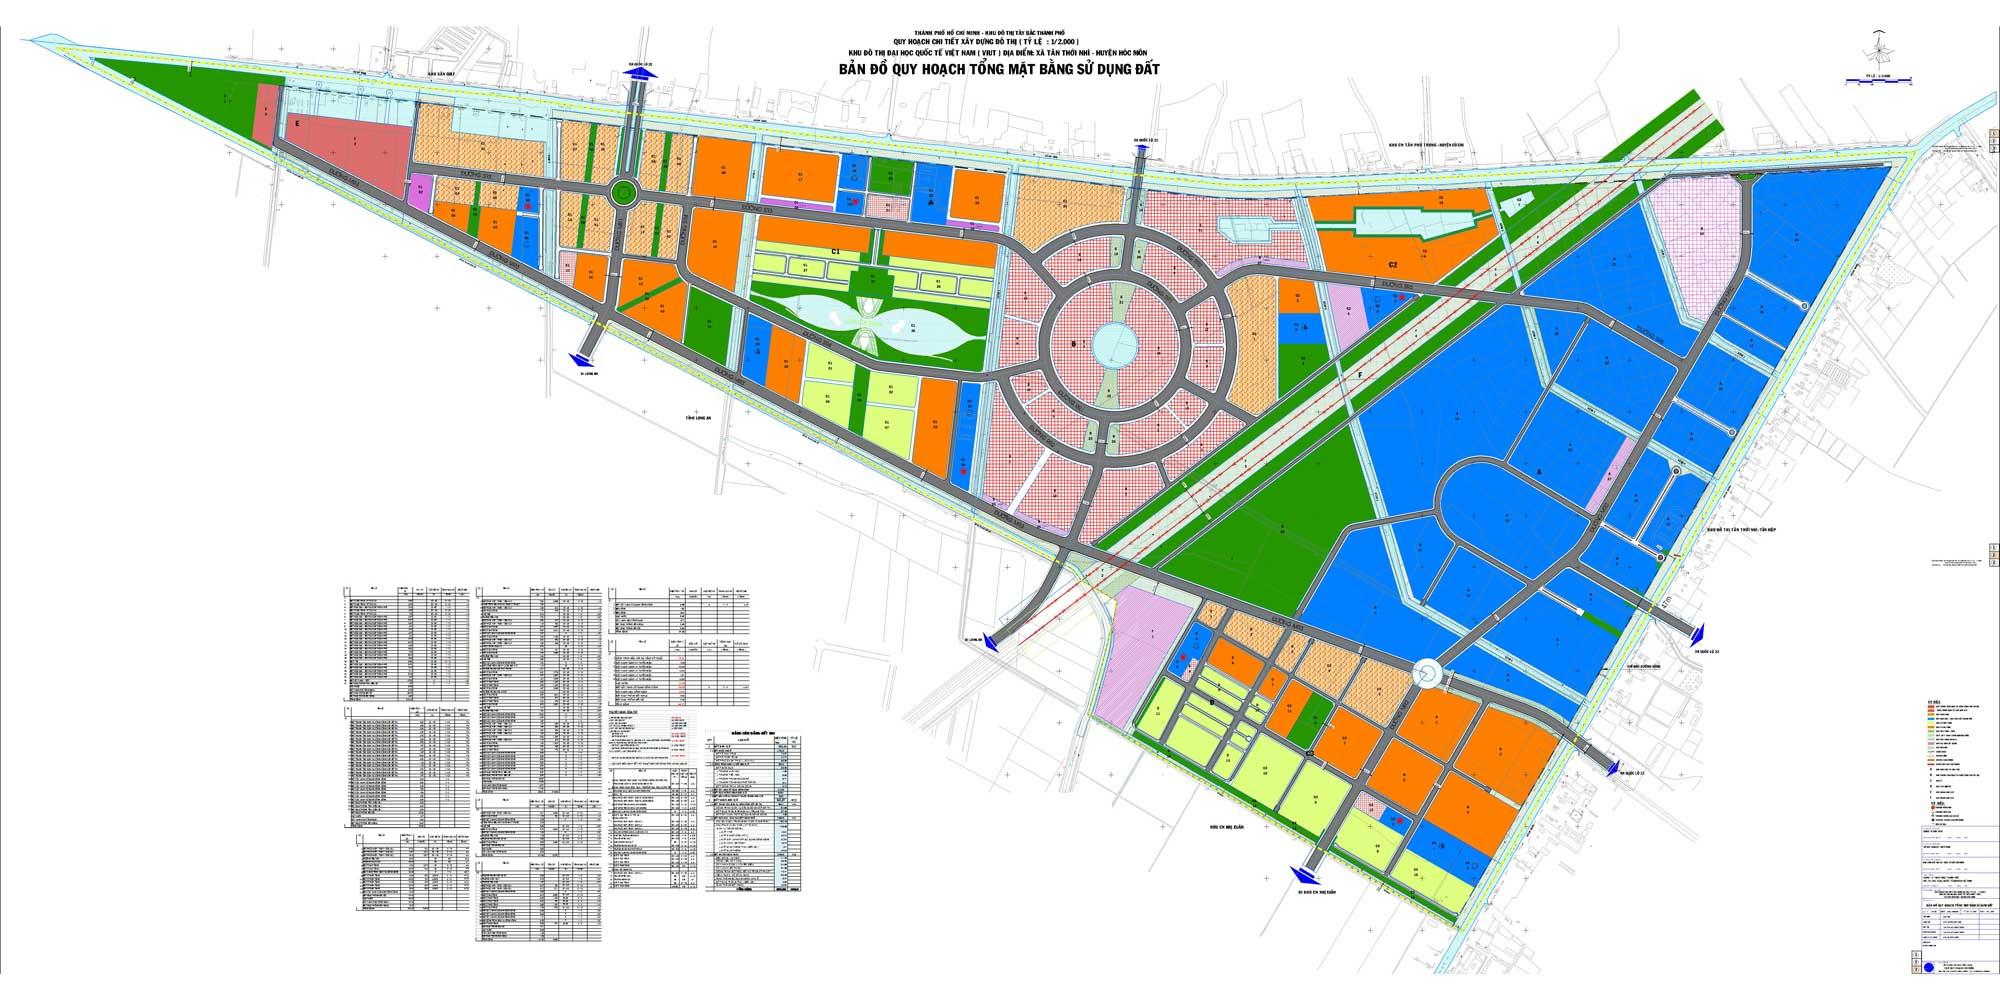 Mặt bằng tổng thể khu đô thị Vinhomes huyện Hóc Môn TP HCM